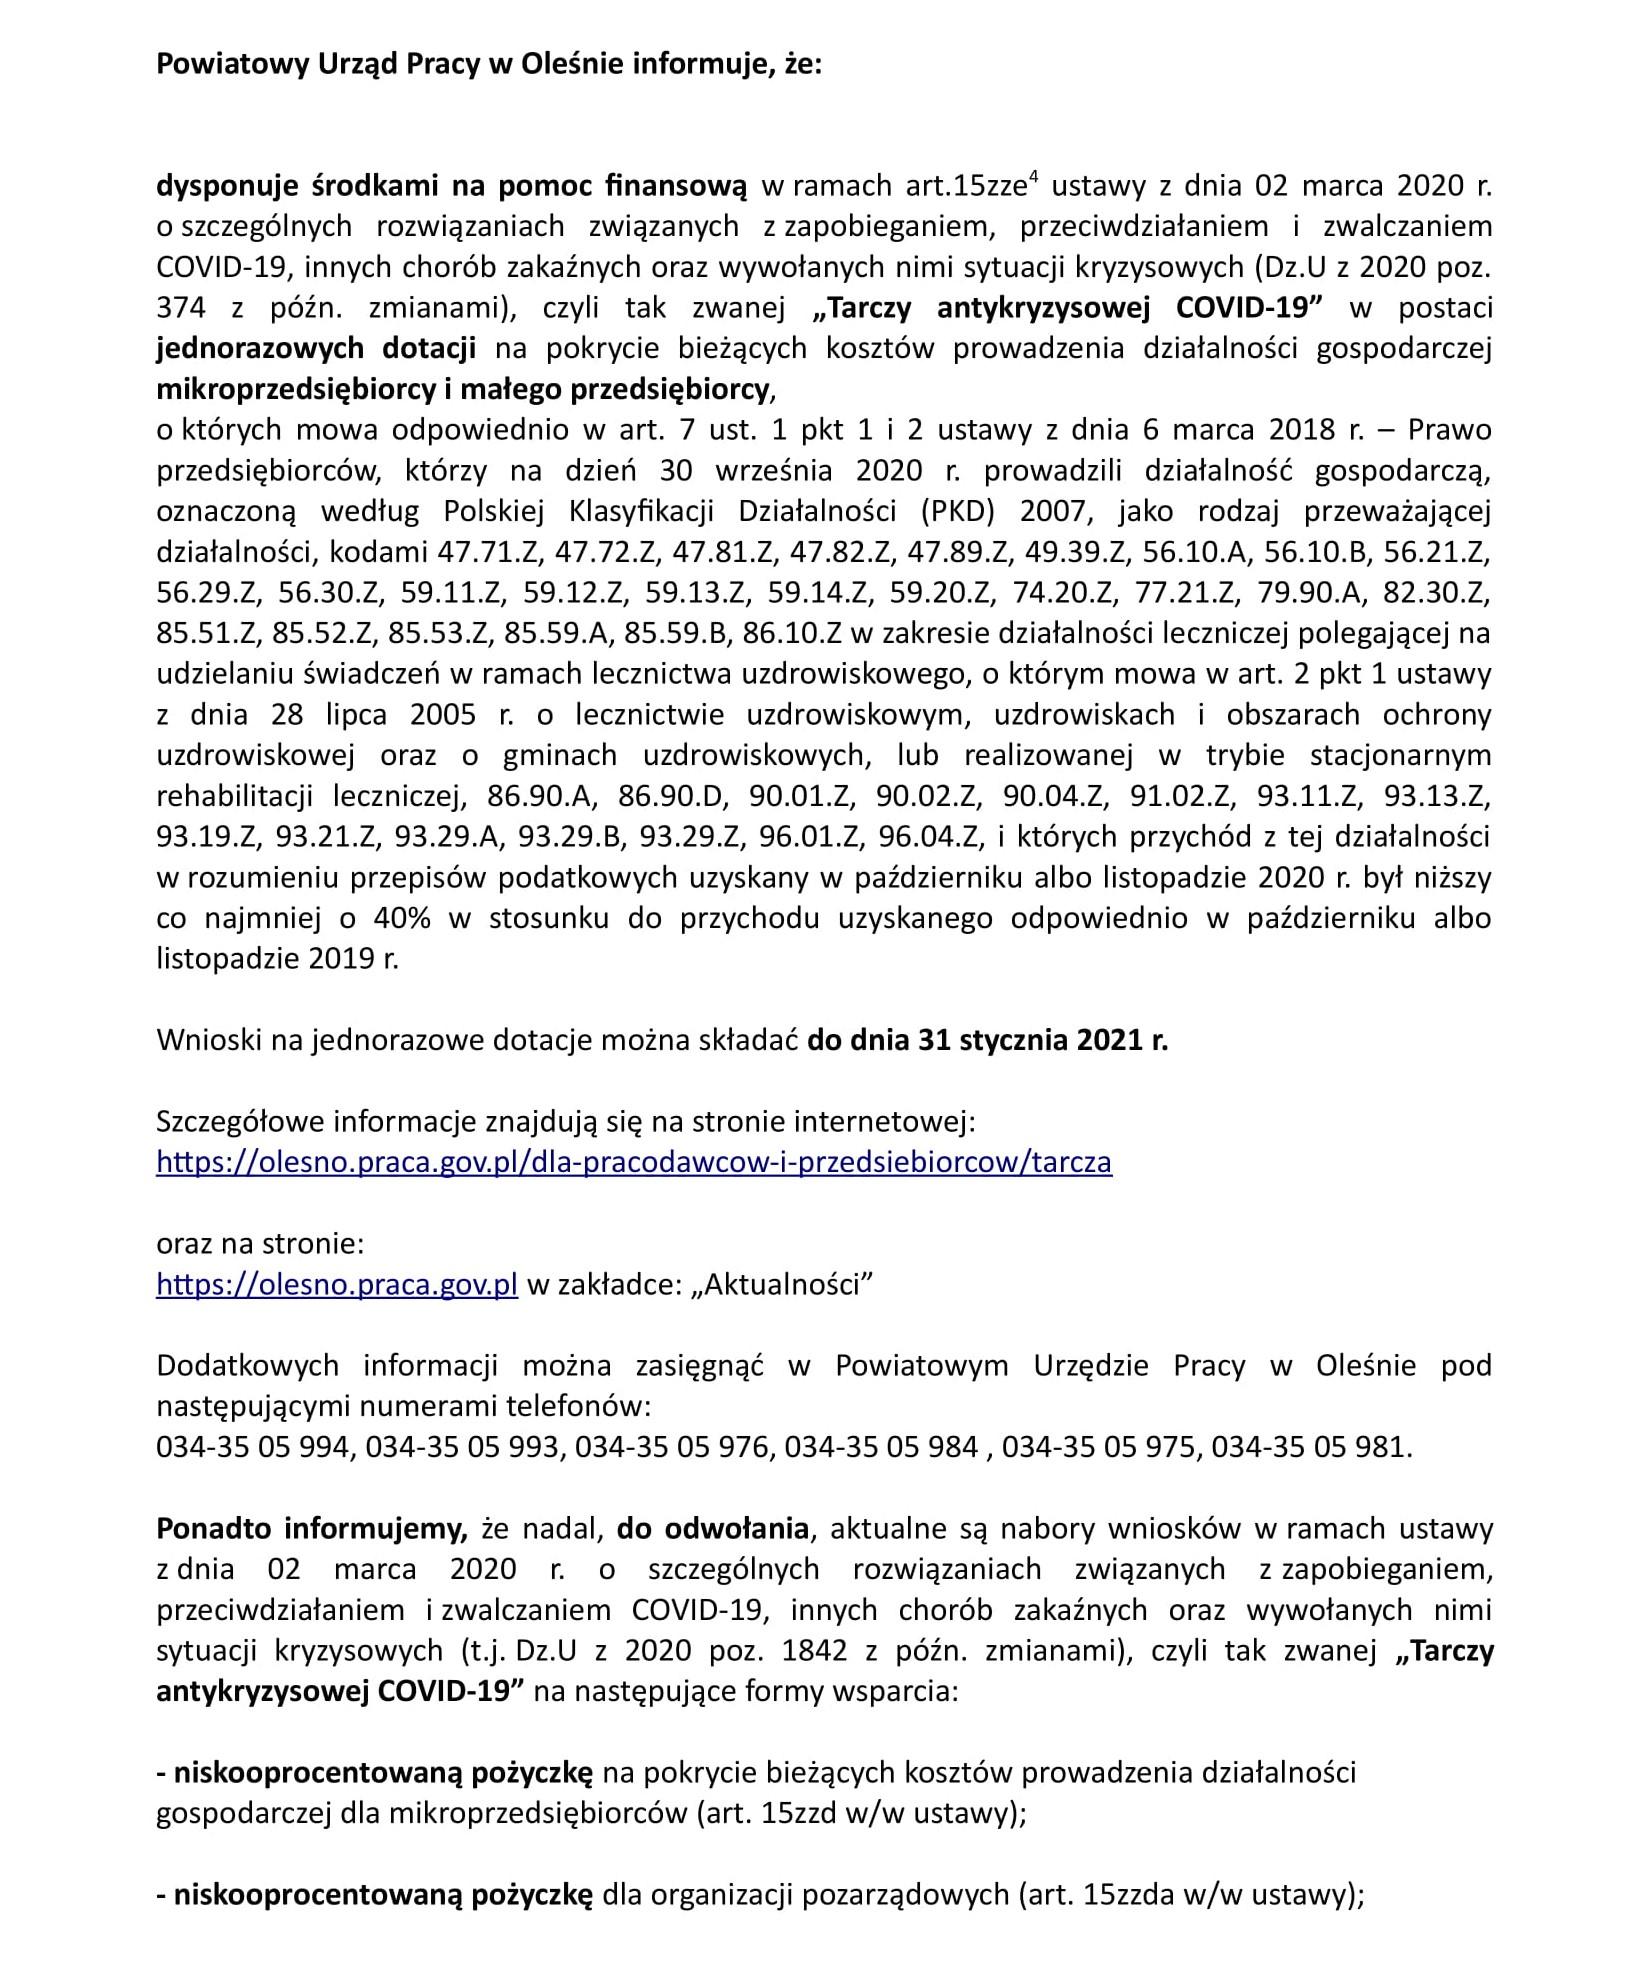 ogloszenie_pup-olesno-1